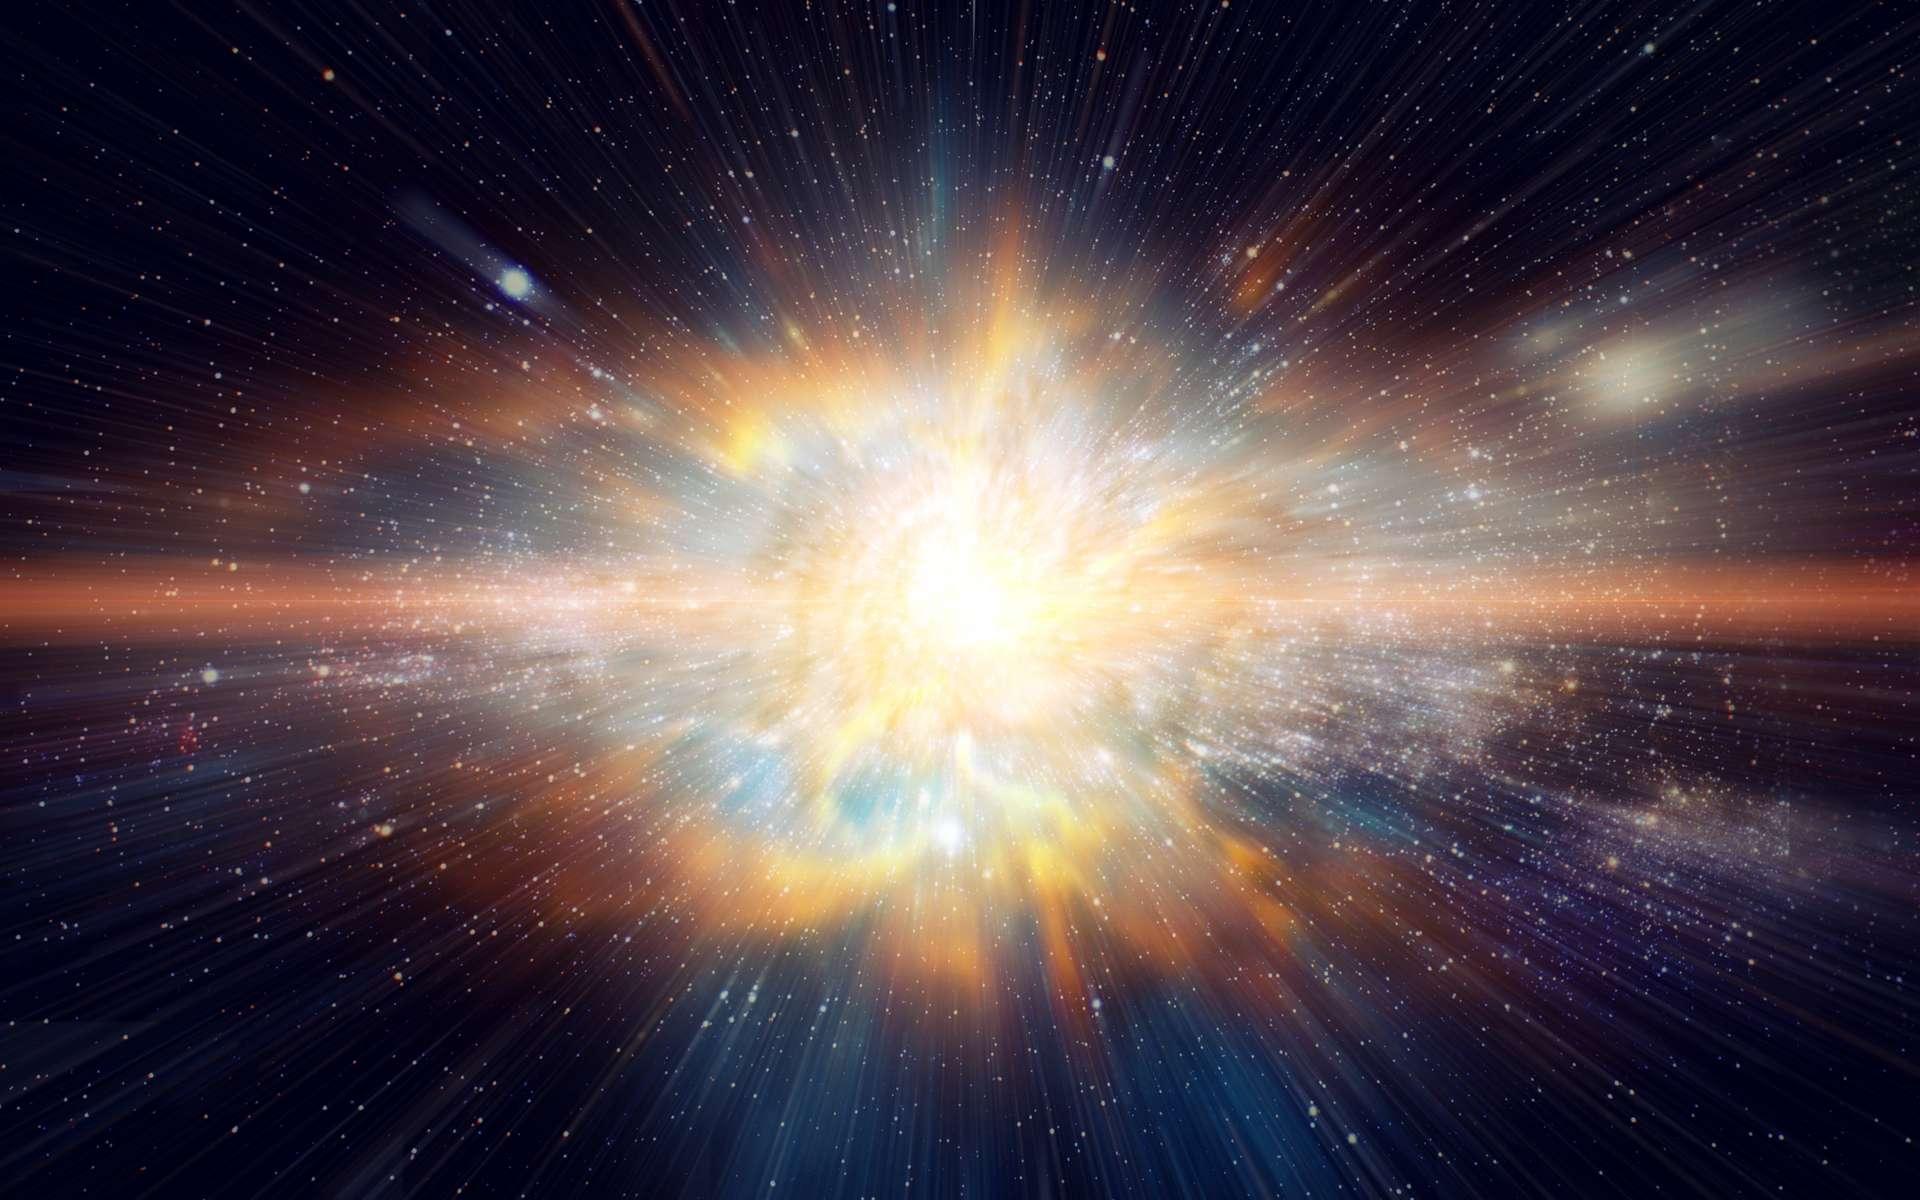 Des astronomes ont enregistré les rayons gamma les plus énergétiques jamais issus de sursauts gamma. © Korn V., Adobe Stock